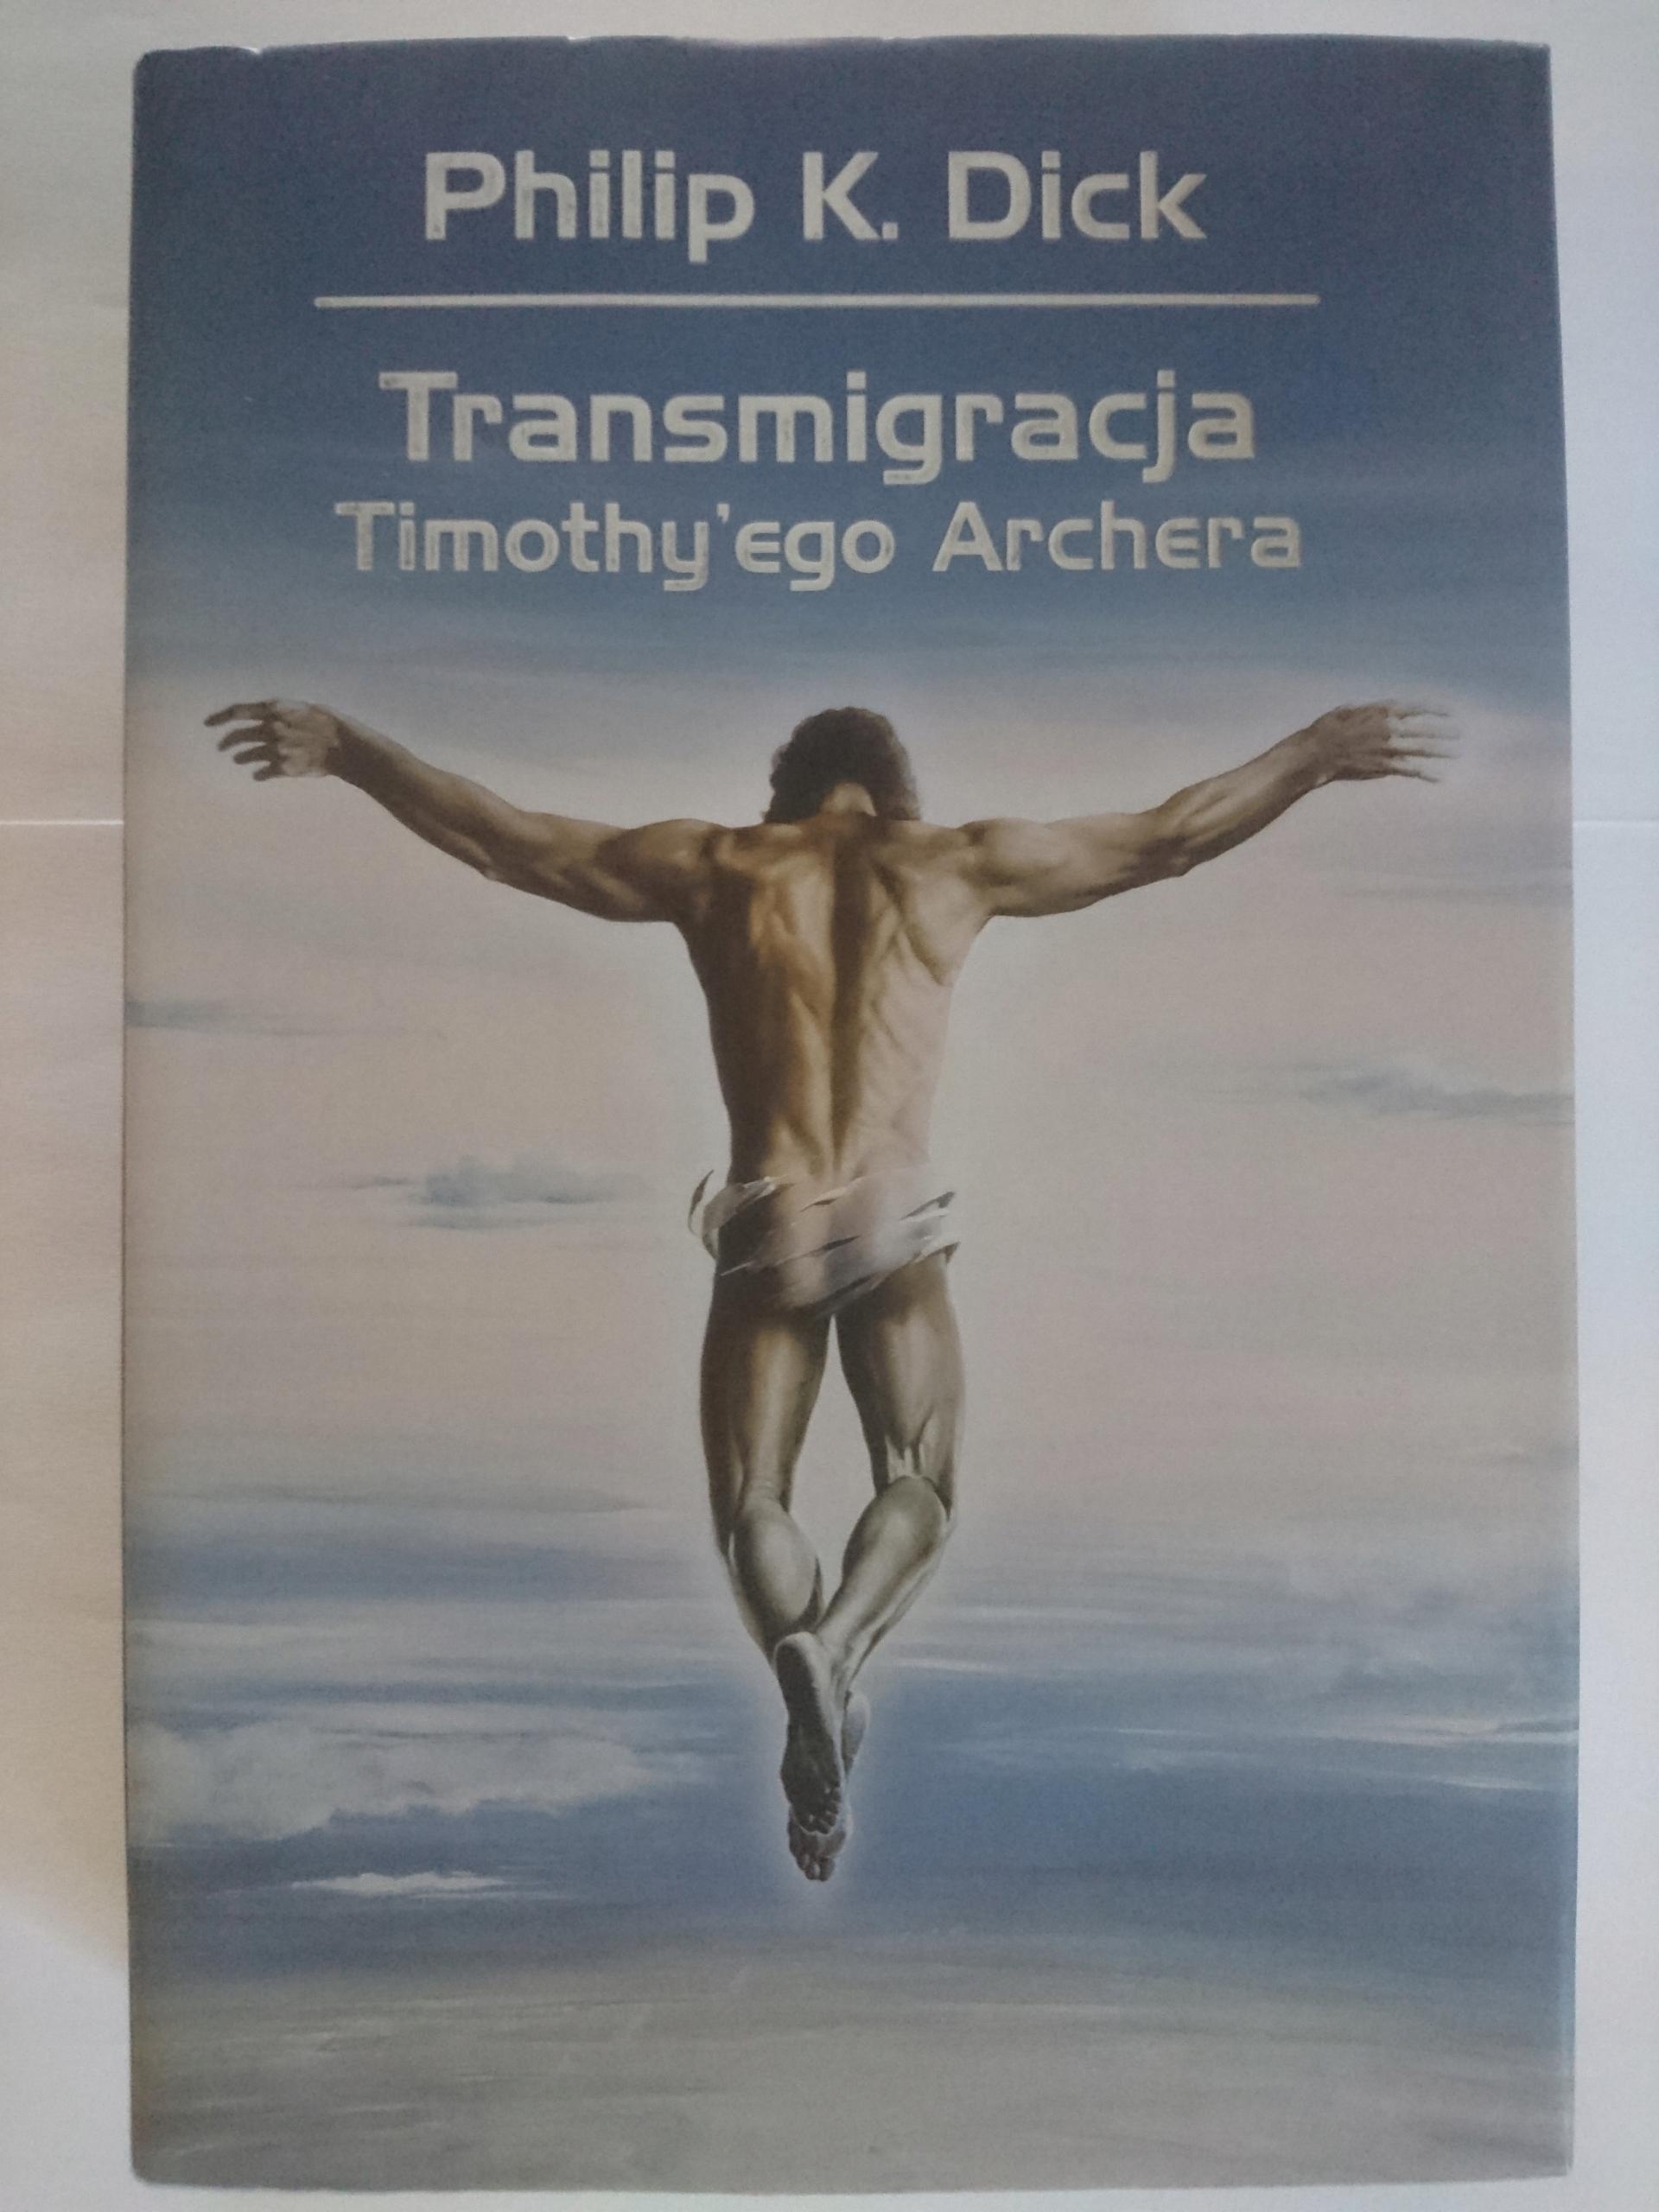 Transmigracja Timothy'ego Archera Dick NOWY UNIKAT